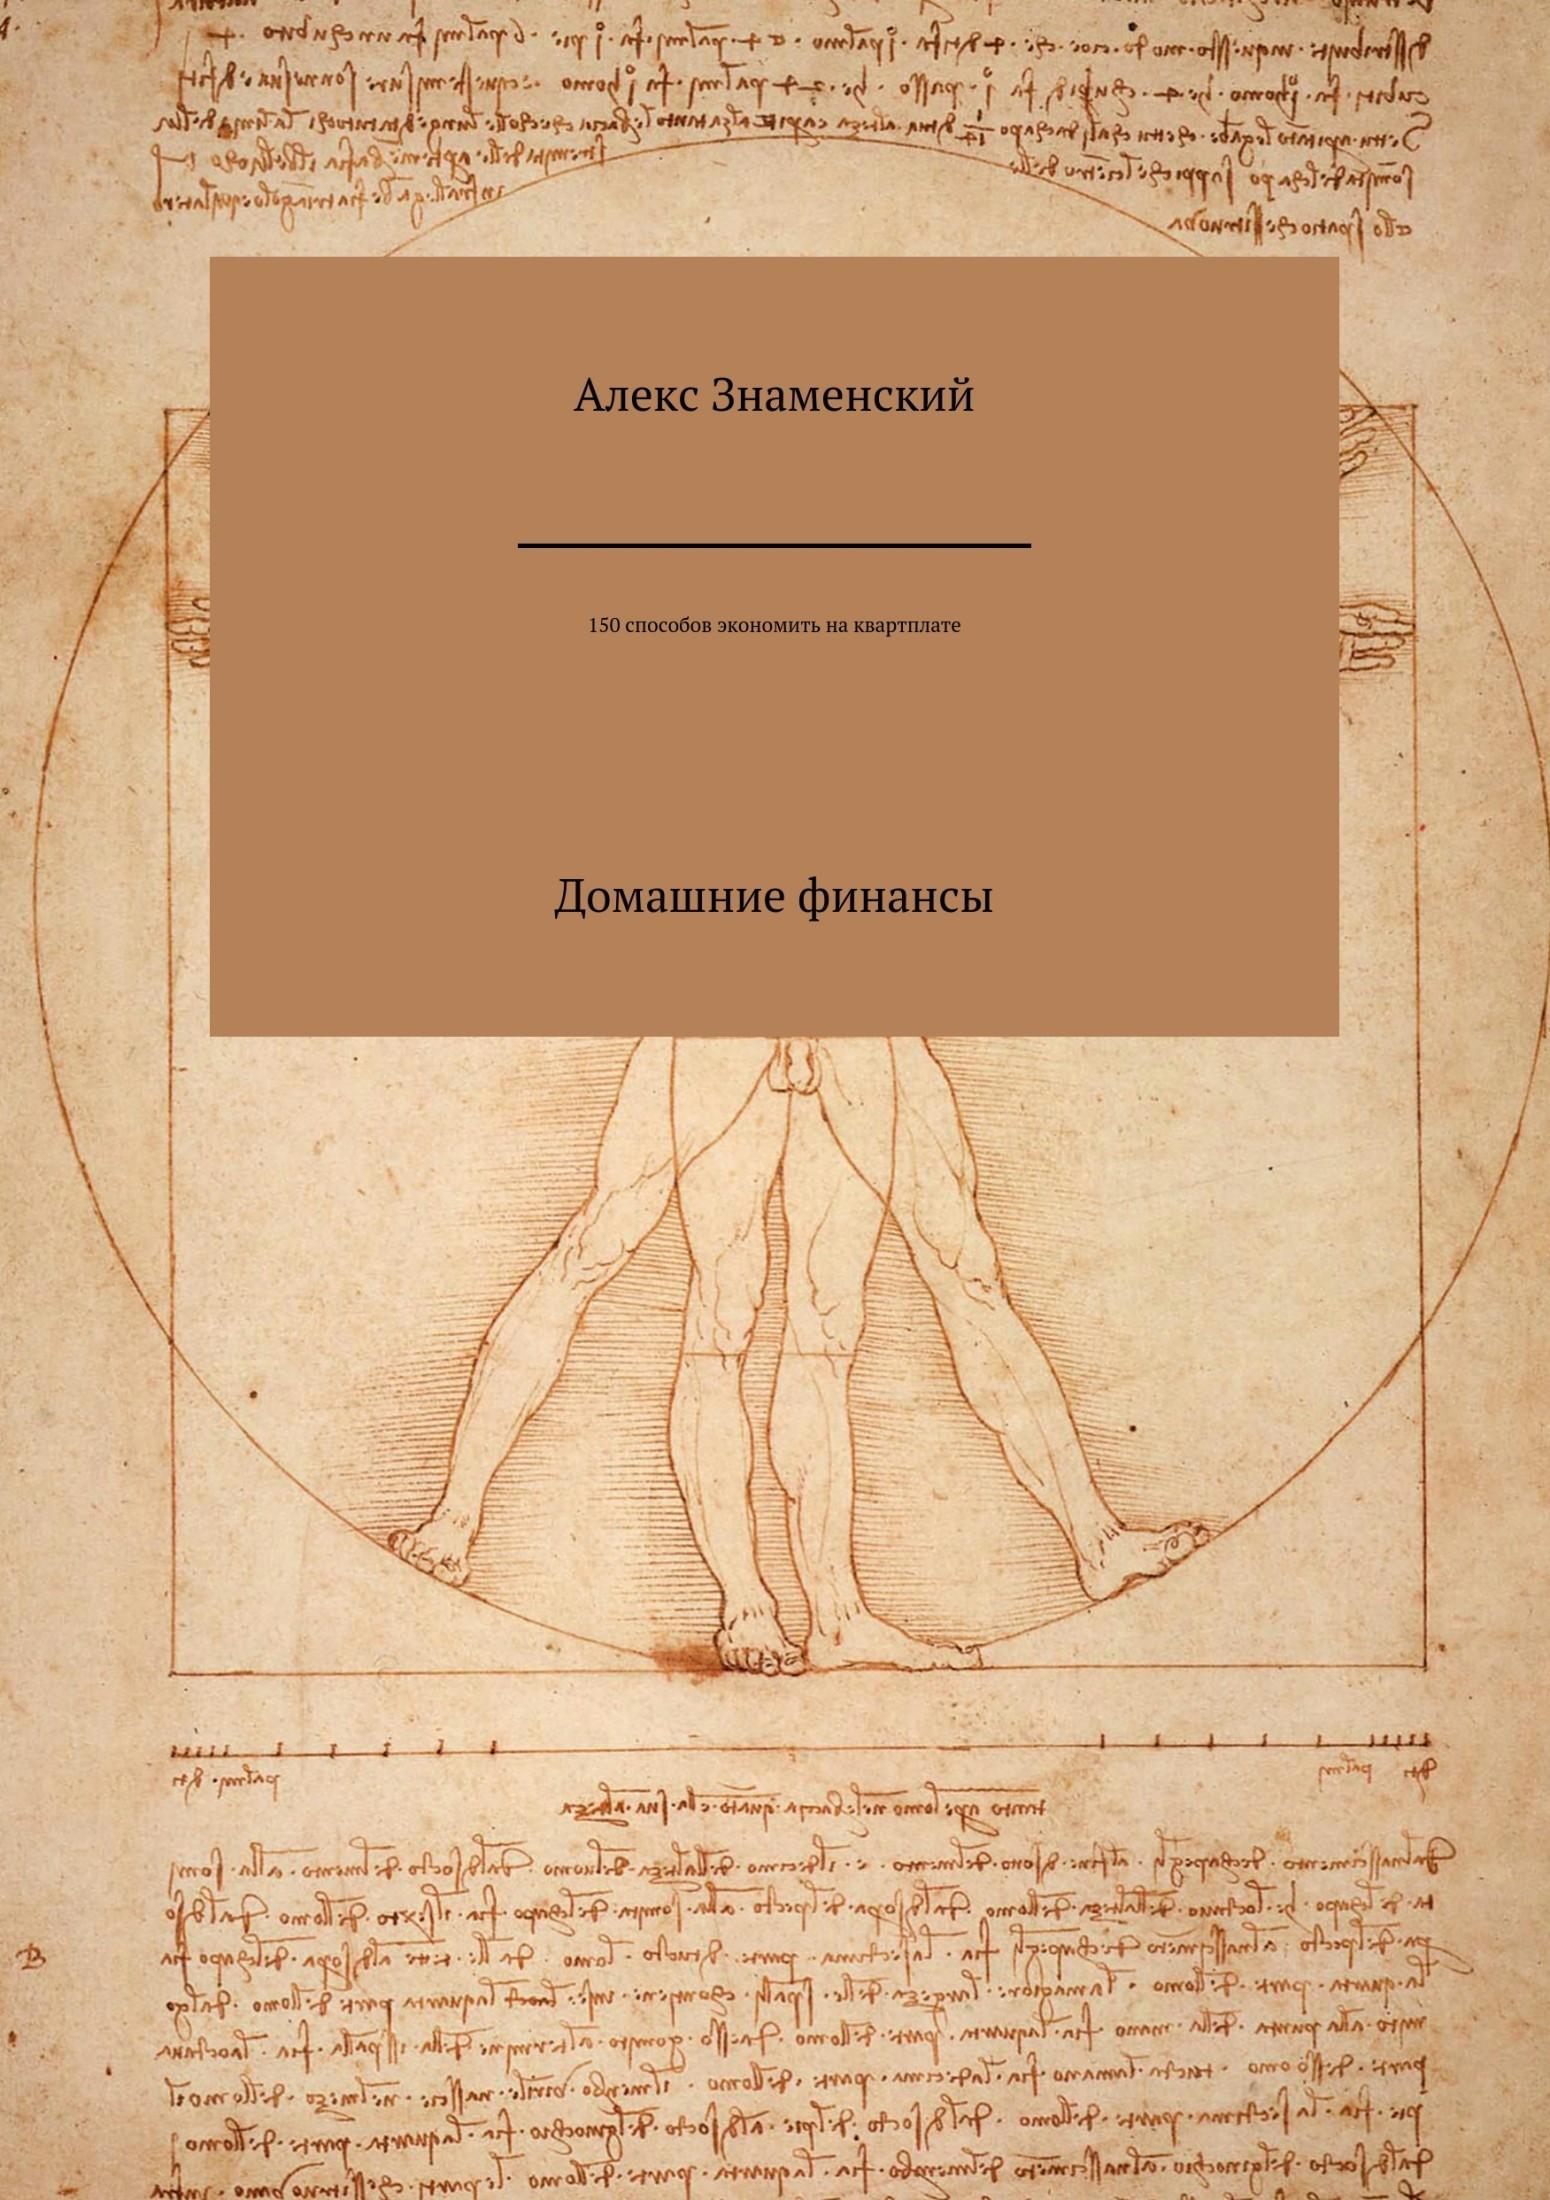 Обложка книги. Автор - Алекс Знаменский